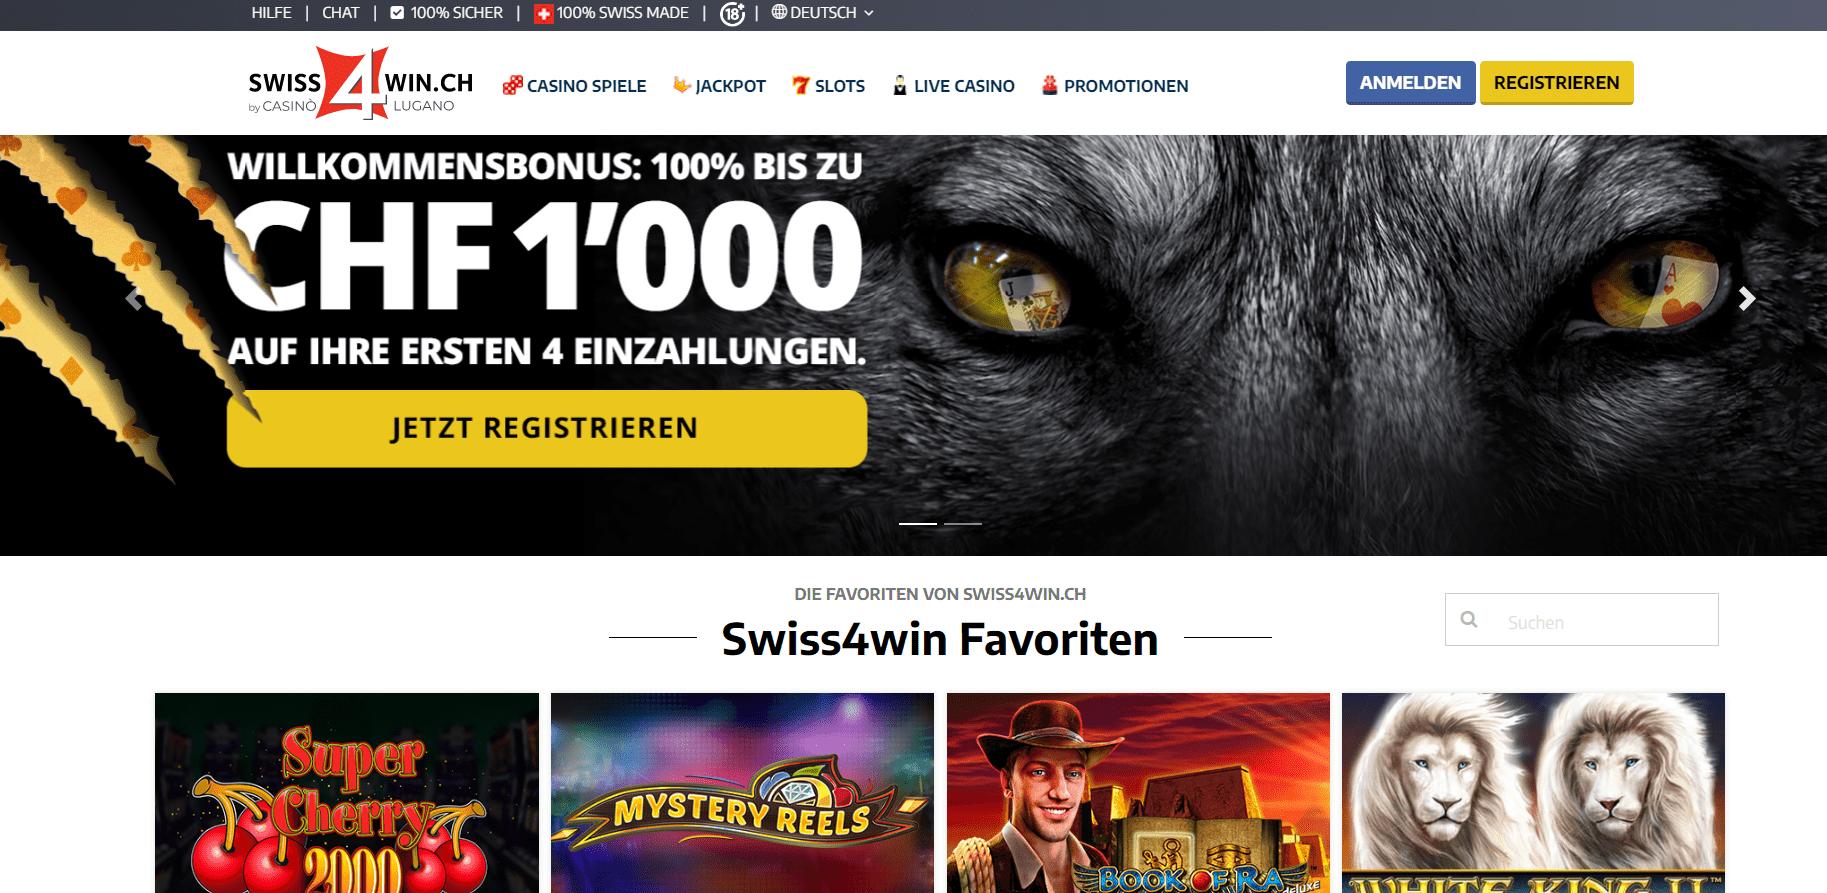 Swiss4win ch